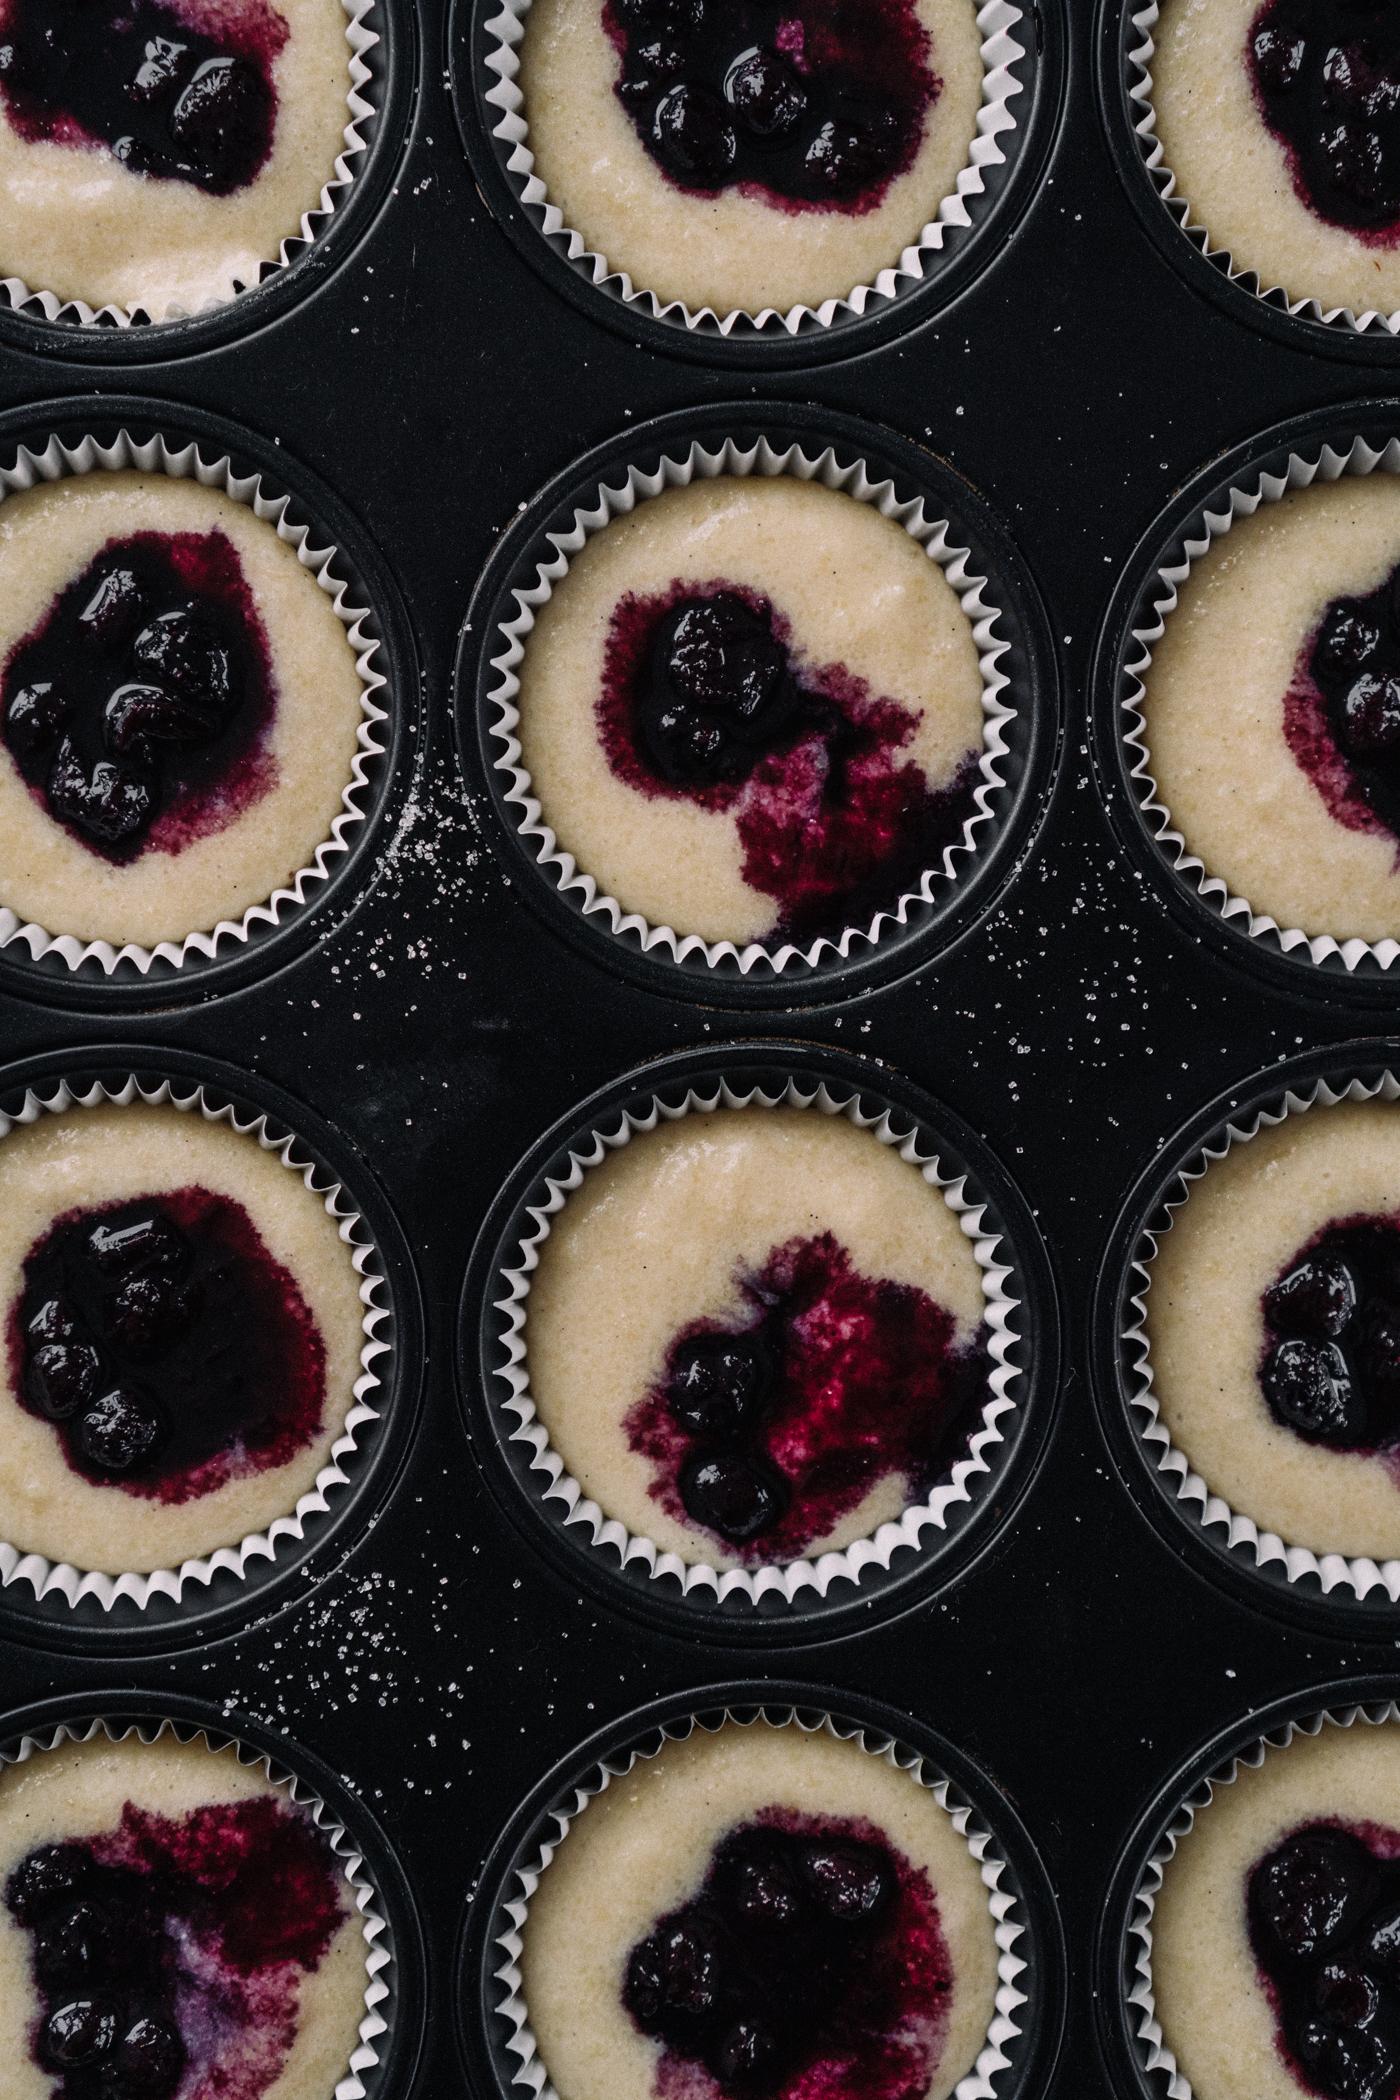 blueberry_almond_muffins-4.jpg